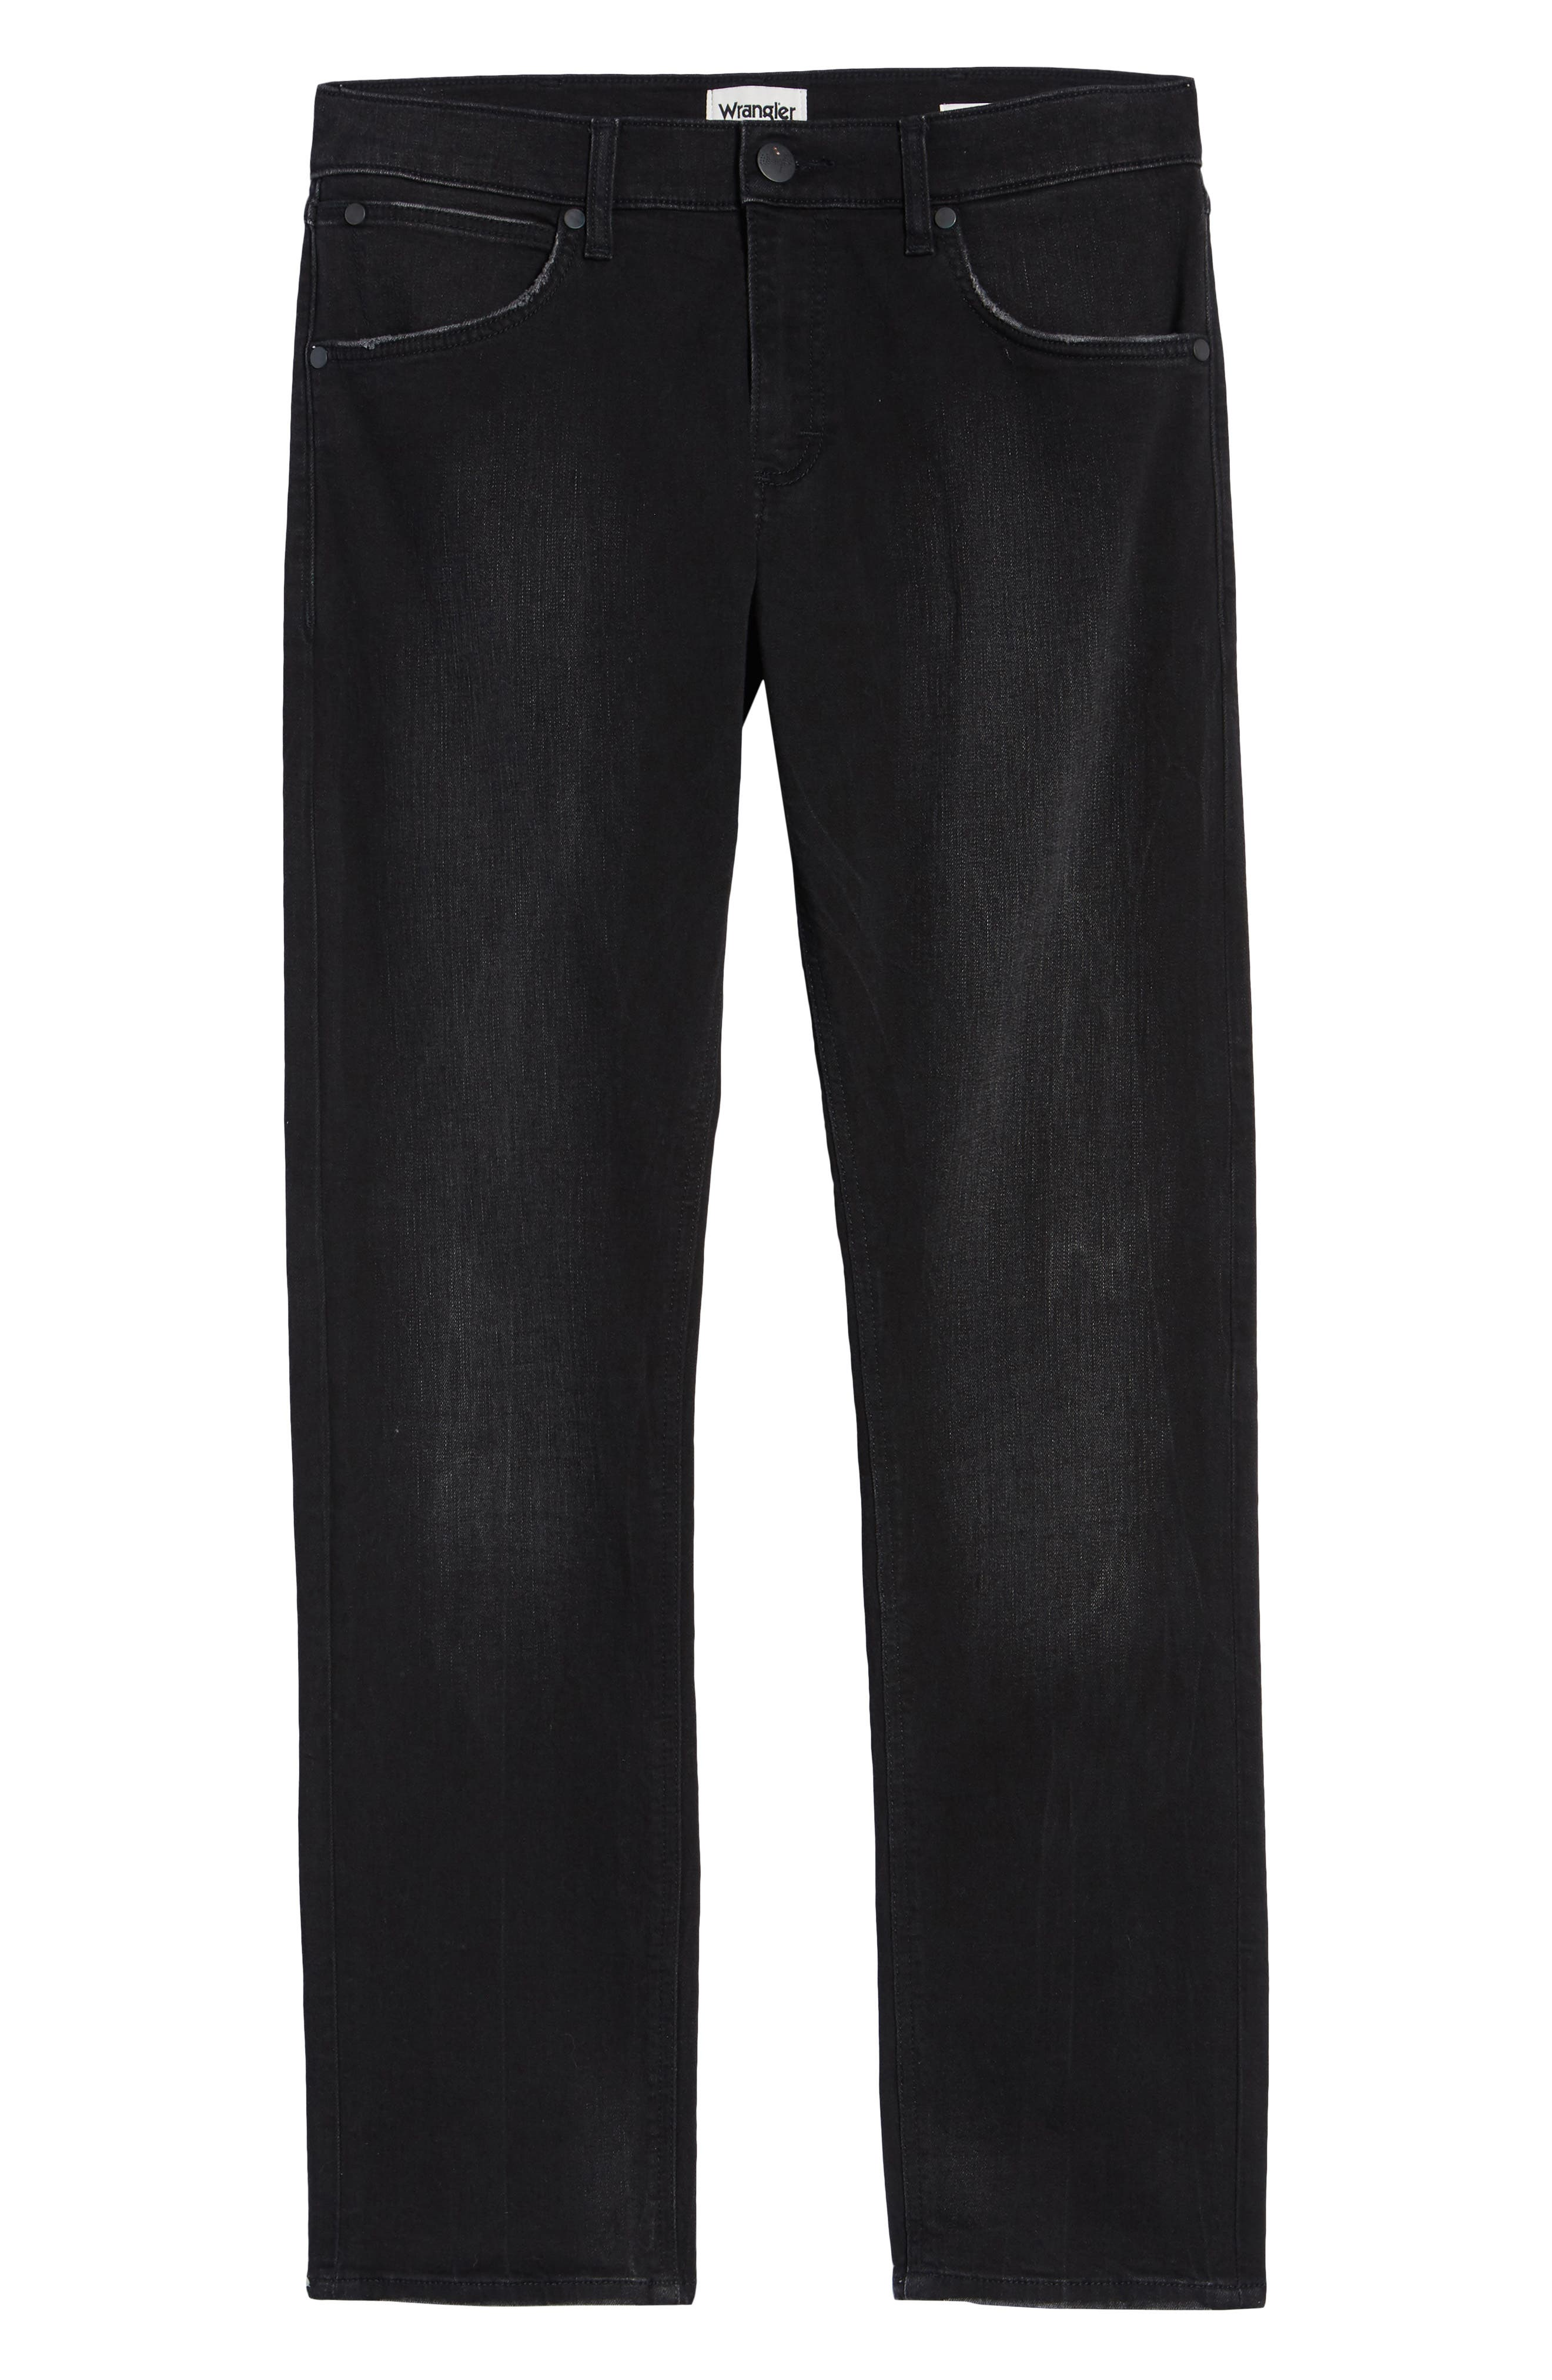 Greensboro Straight Leg Jeans,                             Alternate thumbnail 6, color,                             BLACK